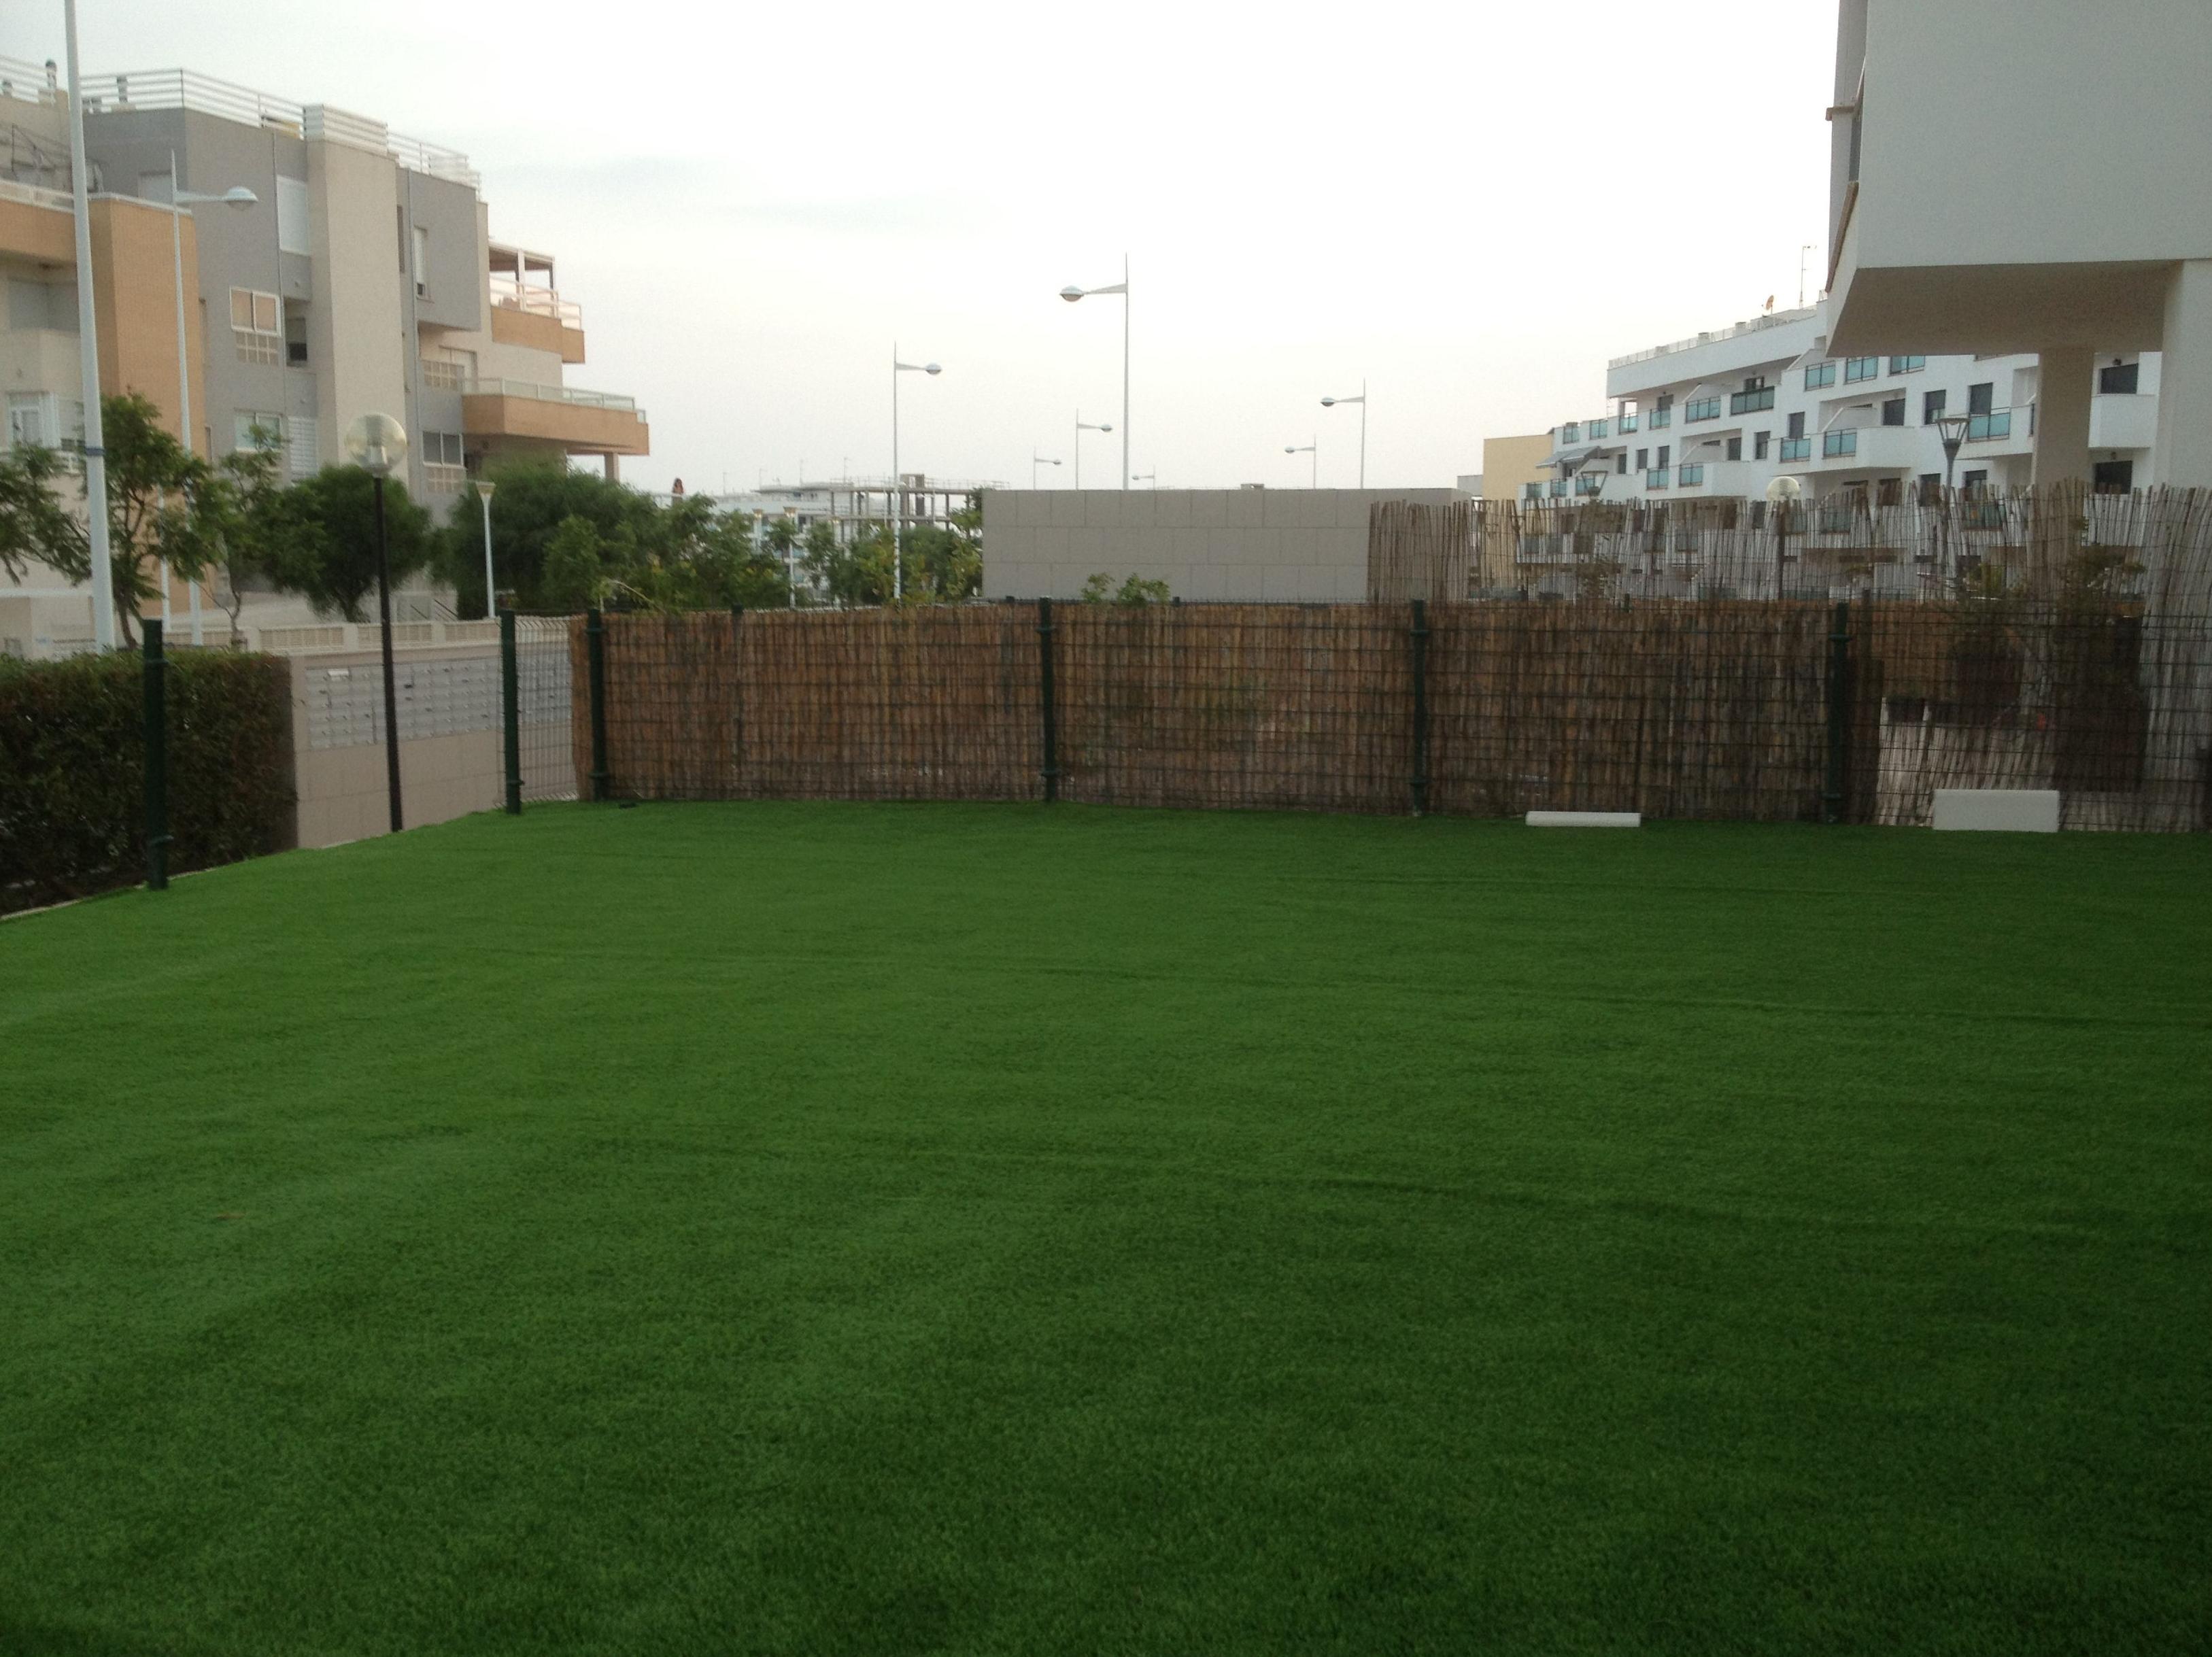 Jardín privado, mantenimiento de espacios verdes